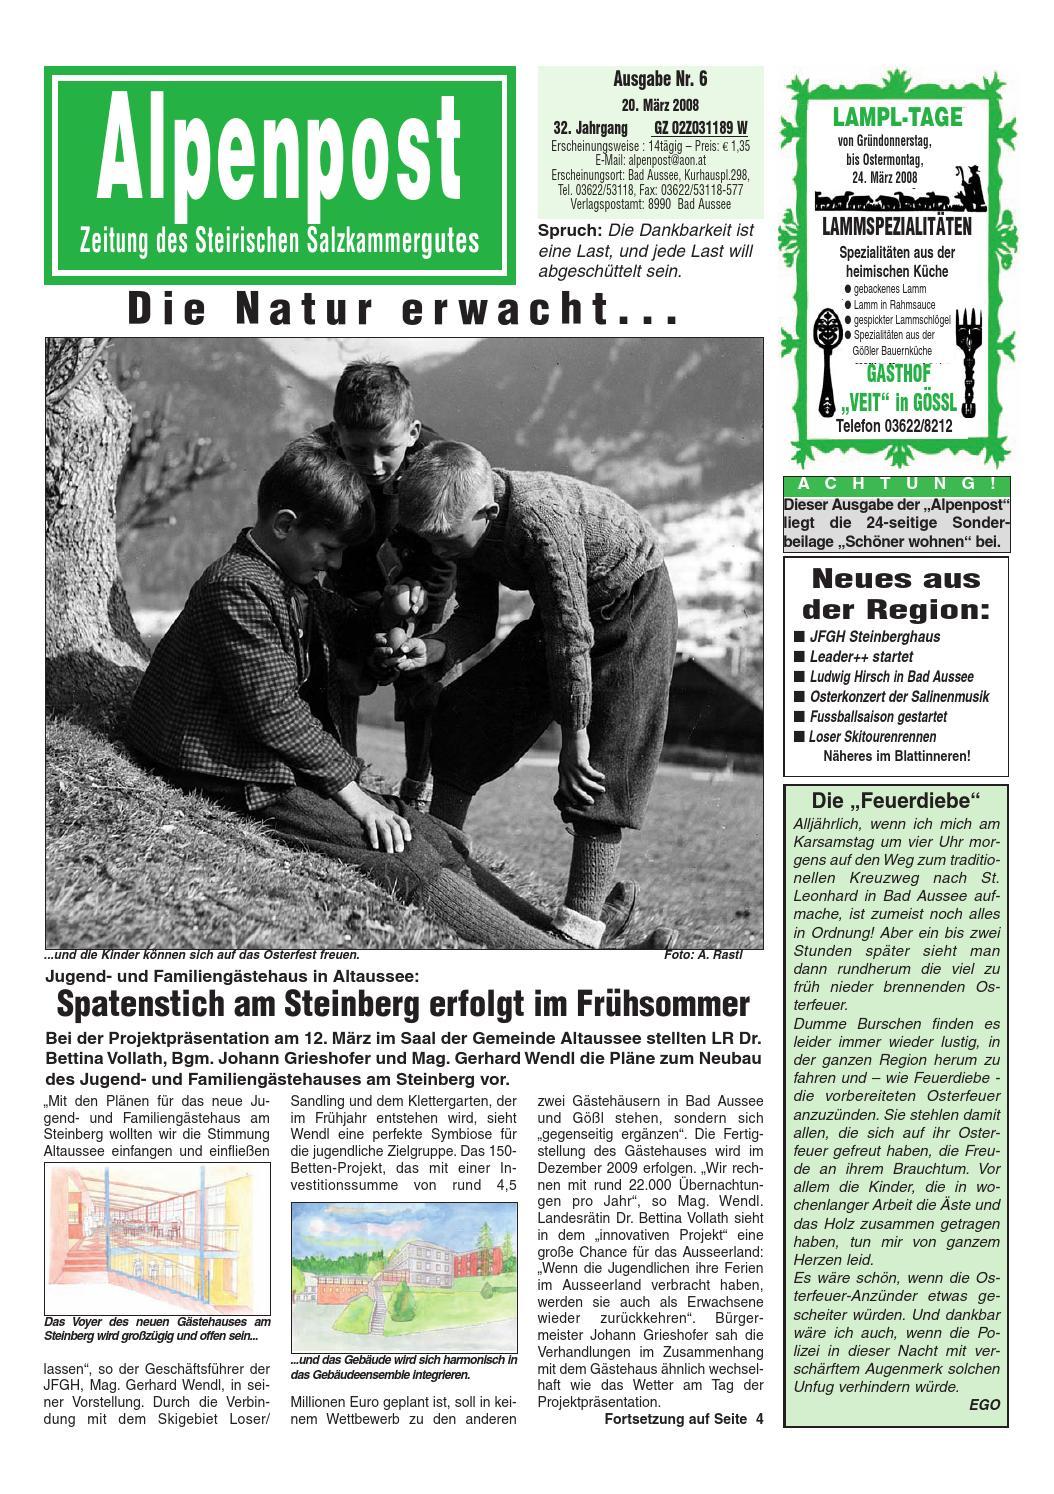 Alpenpost 06 2008 by Alpenpost Redaktion - issuu